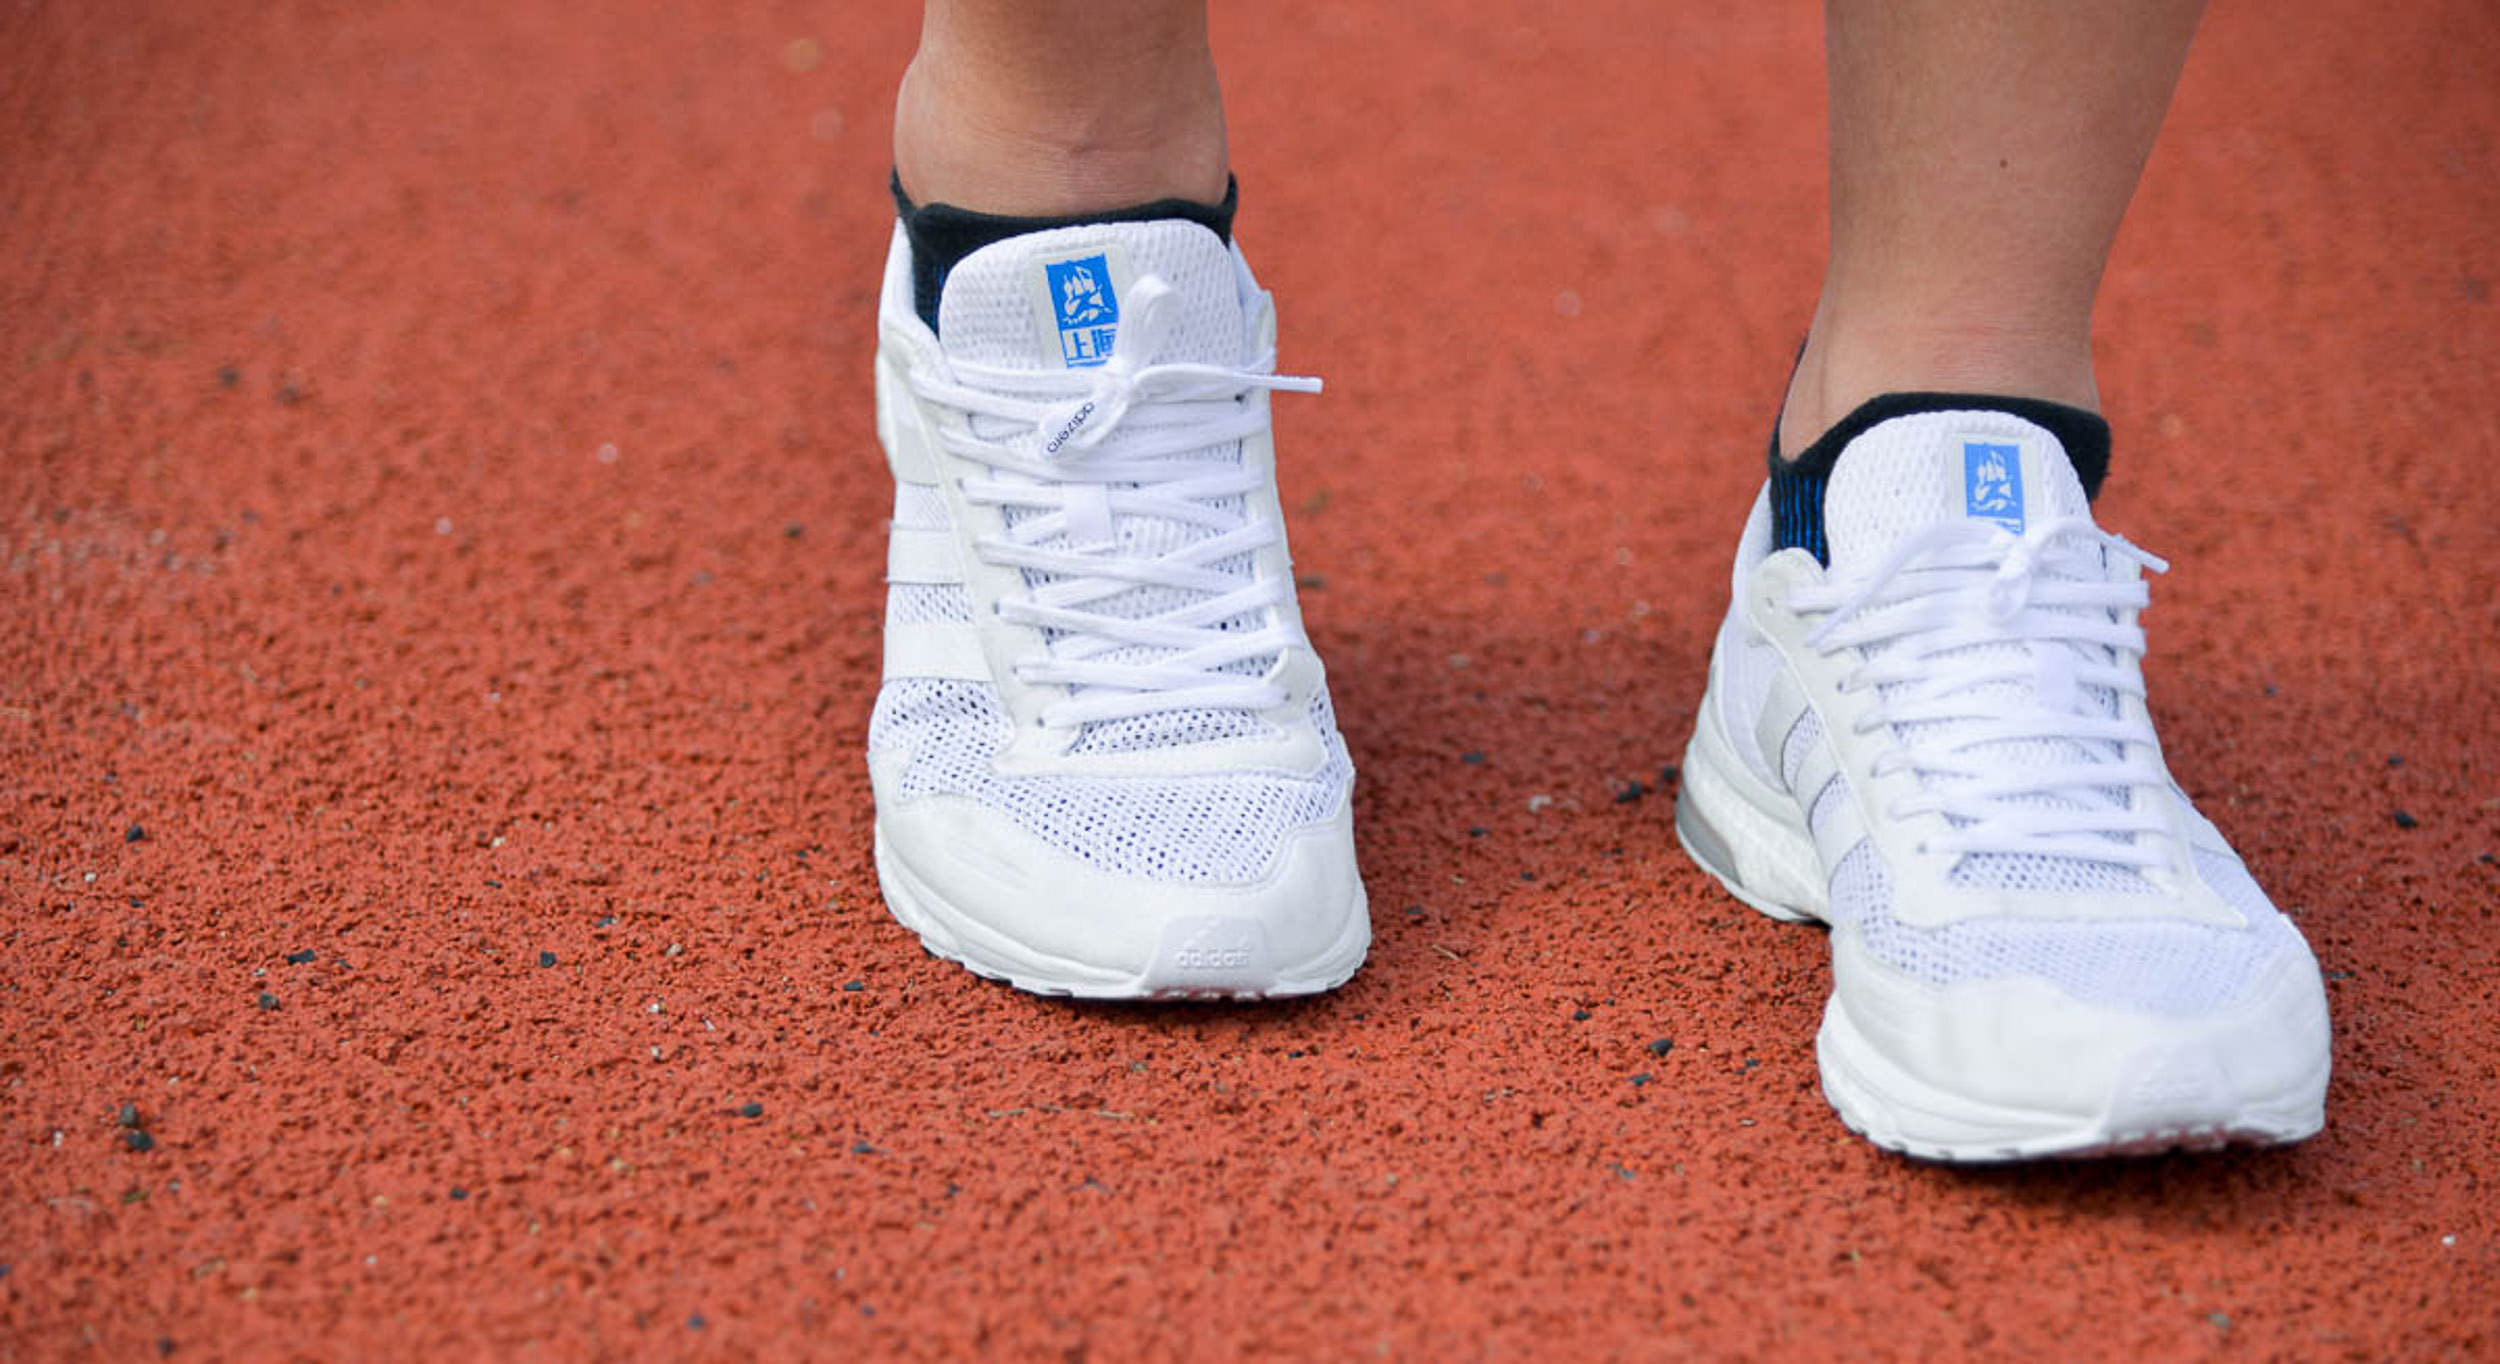 跑鞋   adidas adizero adios 3 上海半马限定版 进击的白色闪光